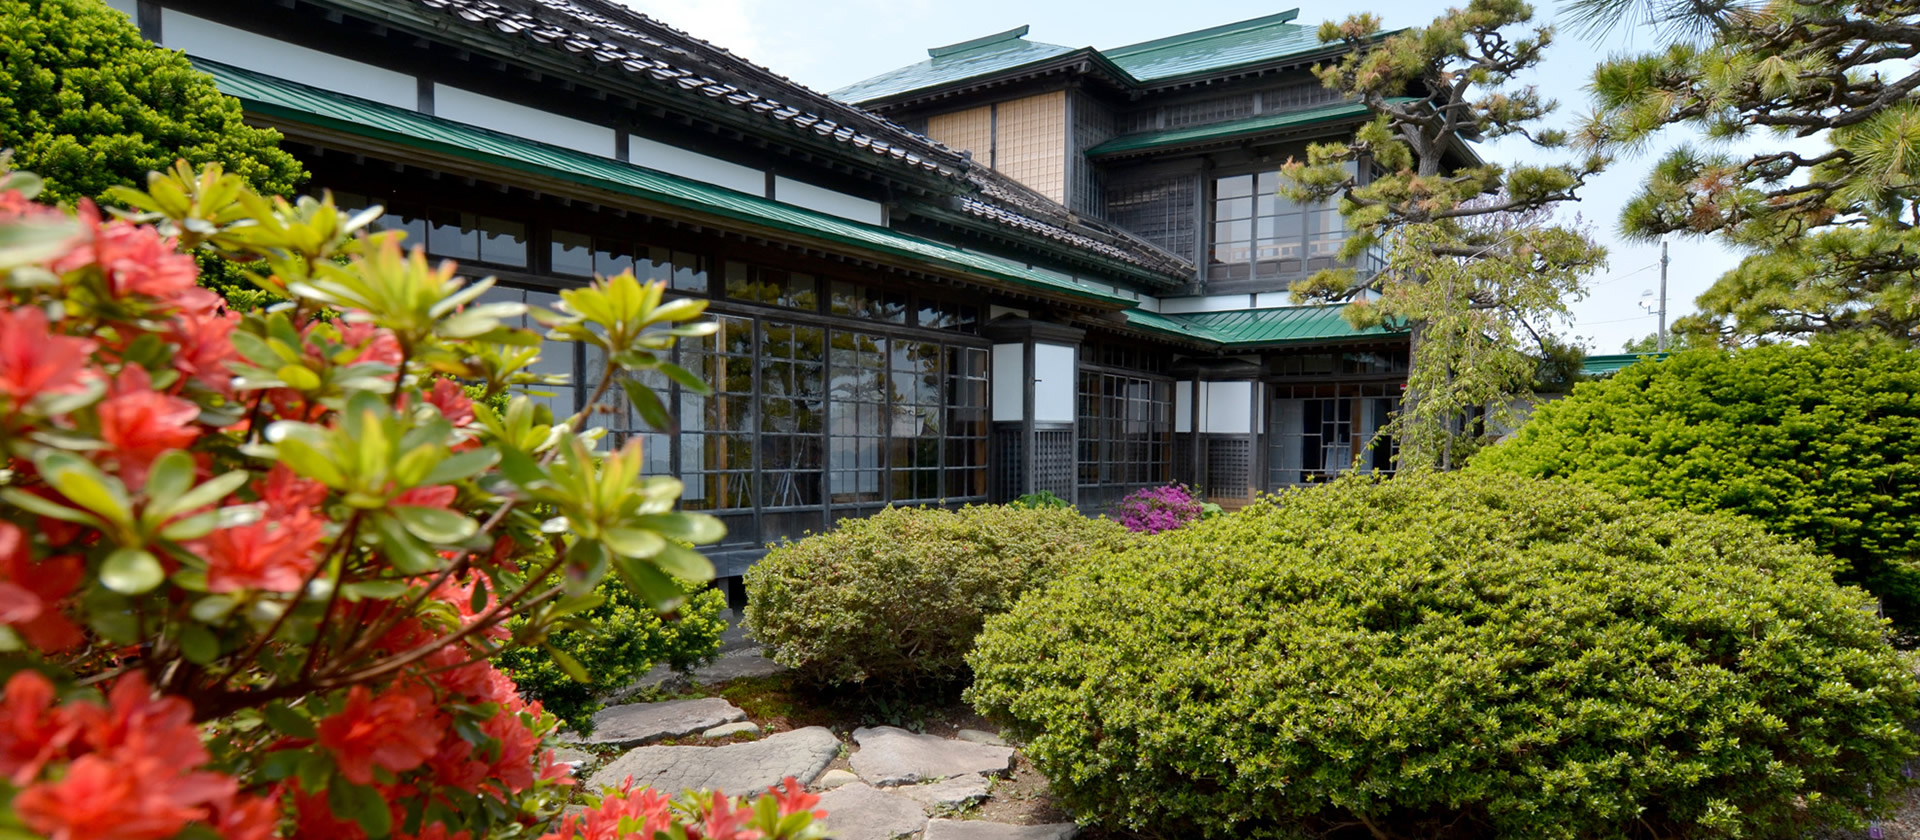 国指定重要文化財 旧相馬家住宅2